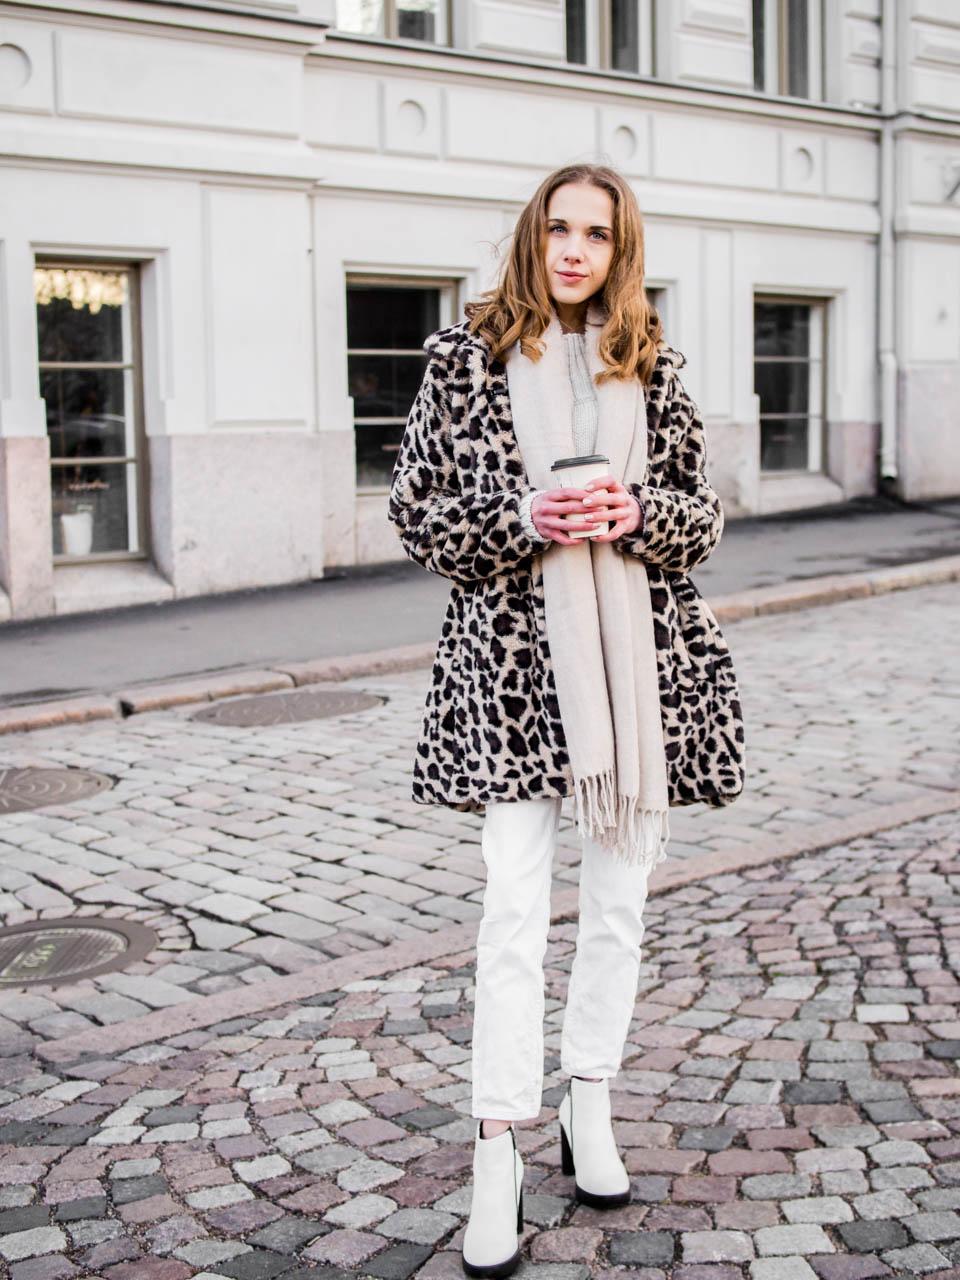 Winter street style with faux fur leopard coat - Talvimuoti, asuinspiraatio, leoparditakki, muotiblogi